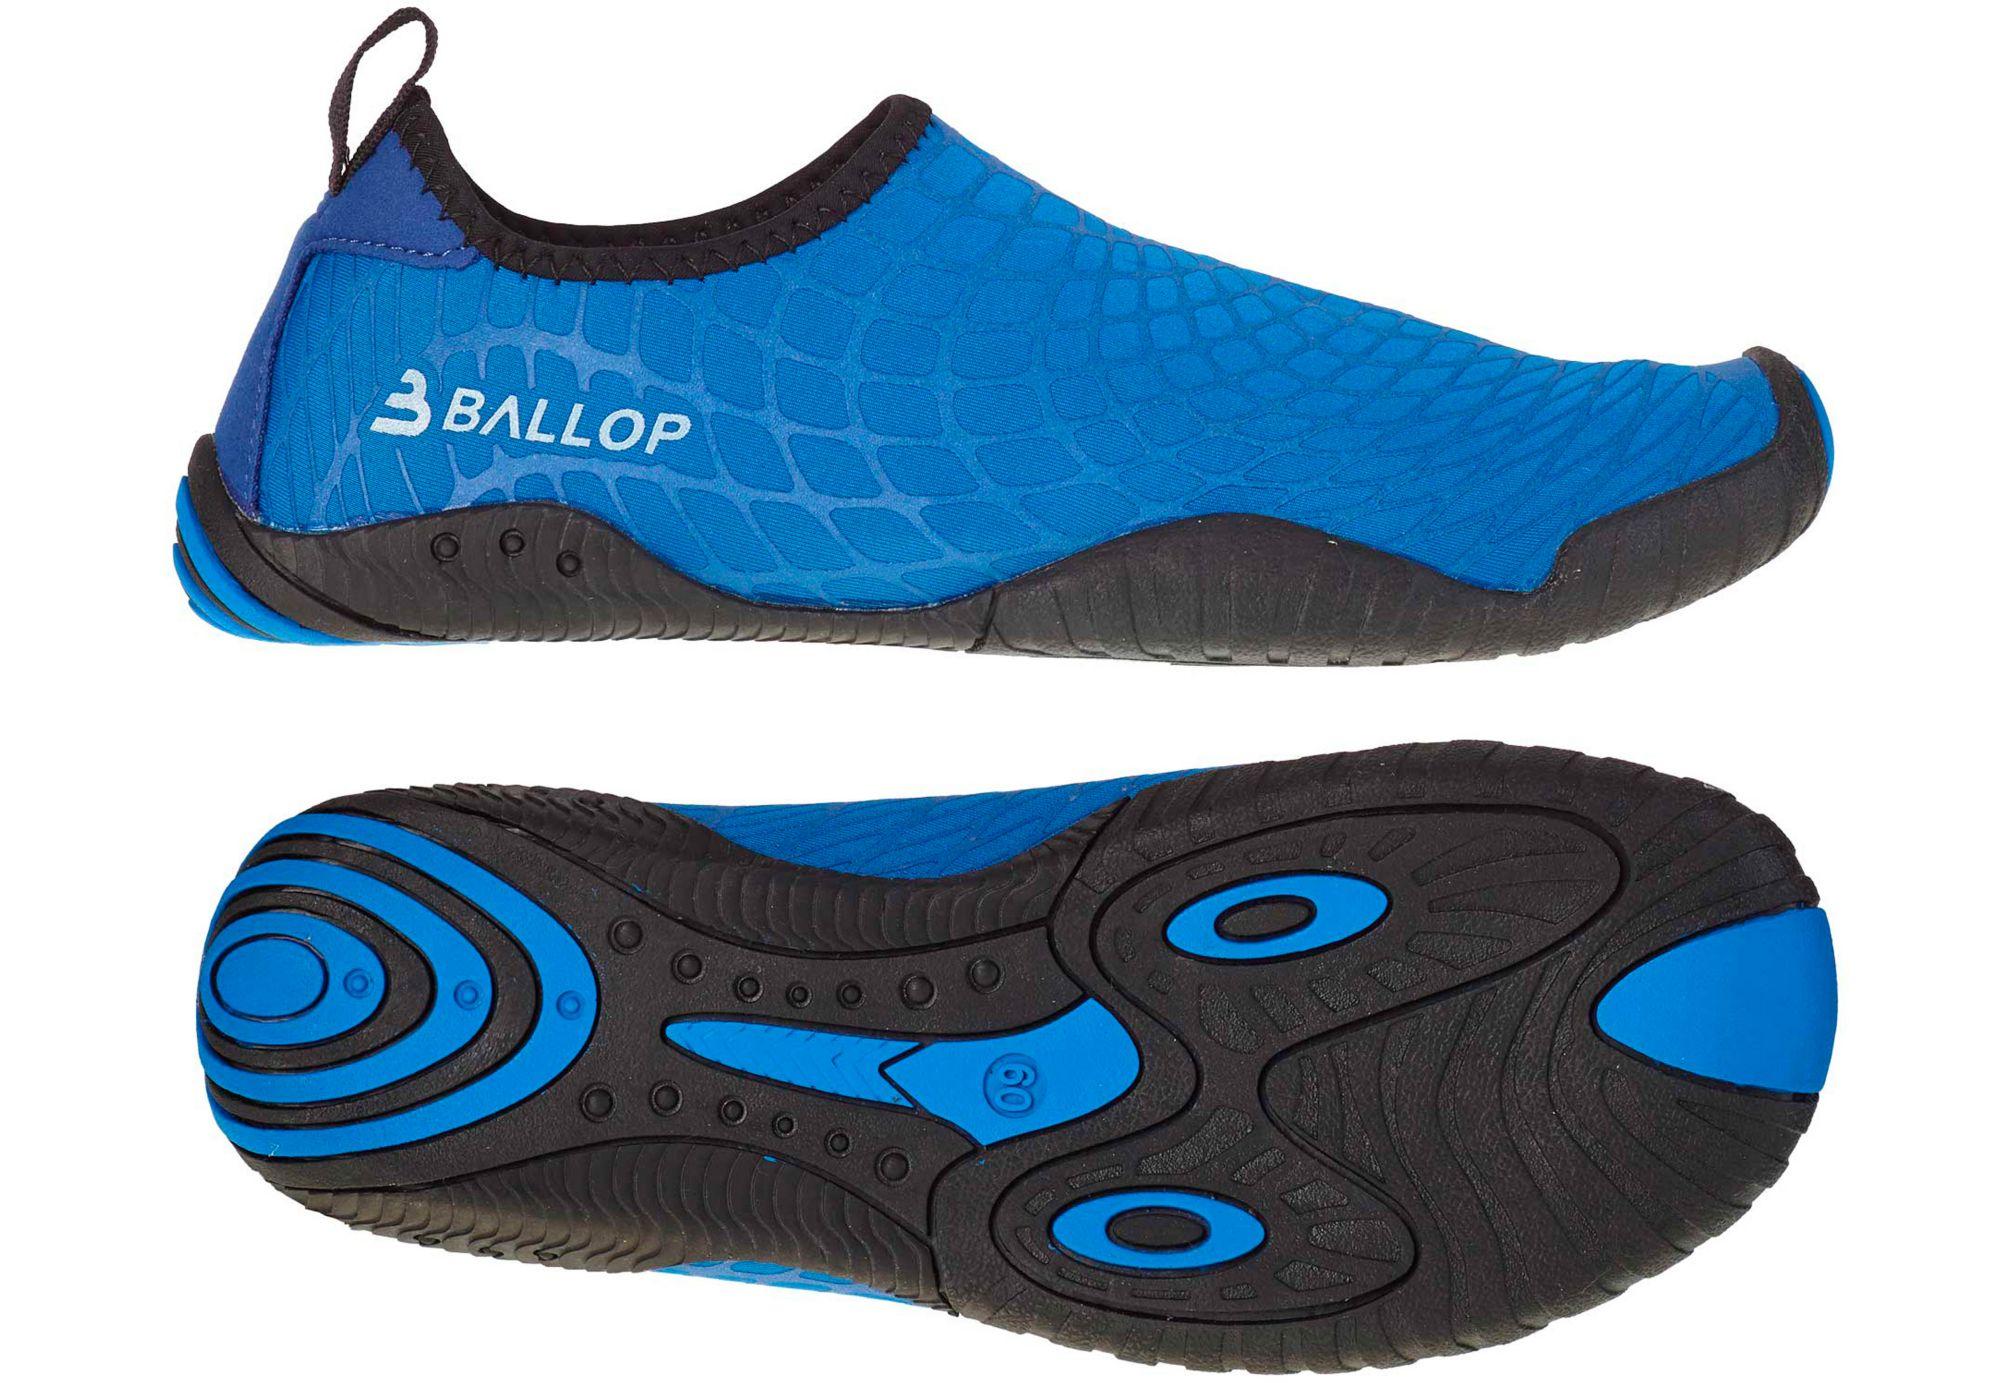 BALLOP Ballop Barfußschuhe, »Spider blue«